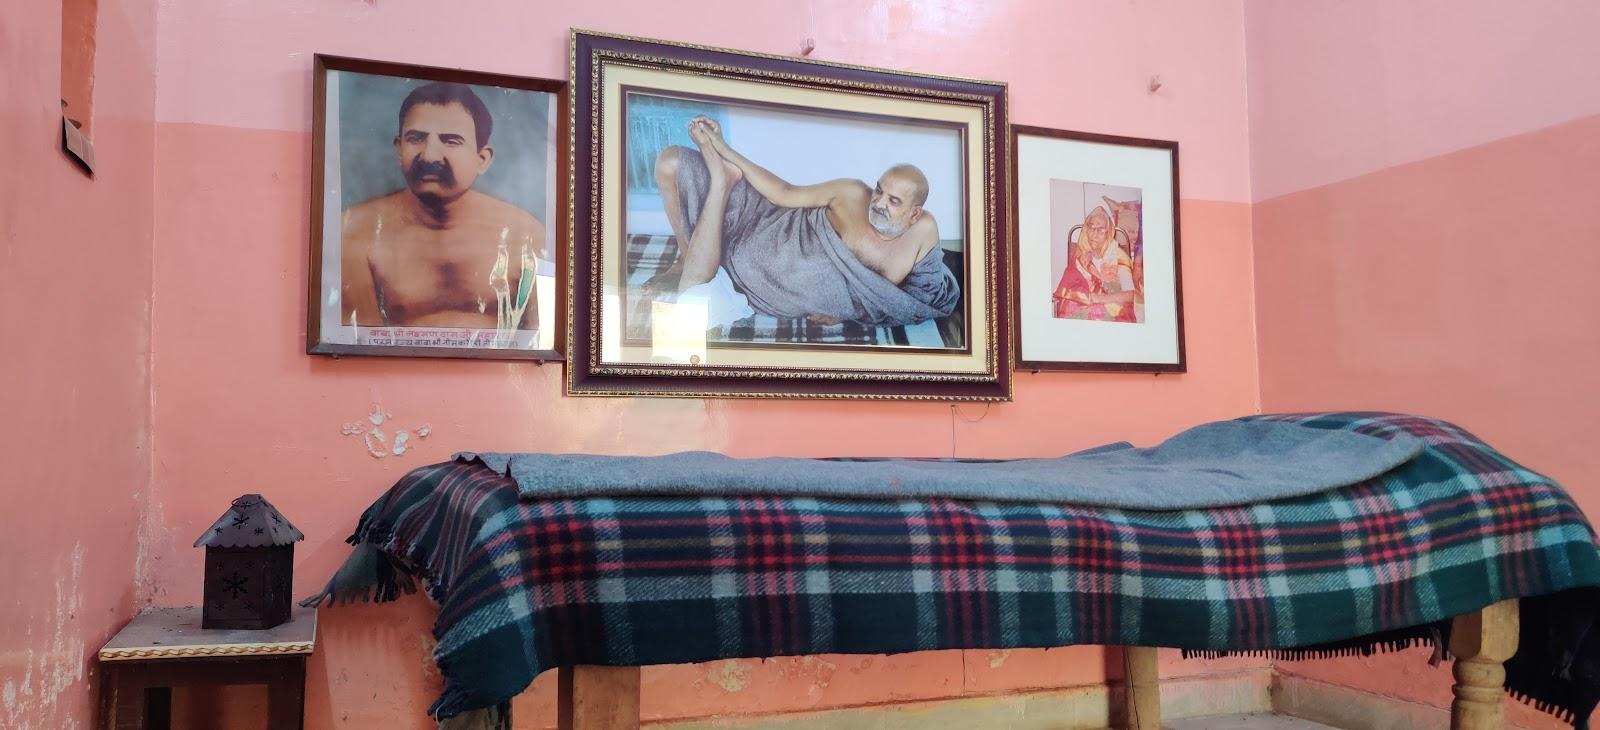 Birth Home Place Akabarpur (U.P.)